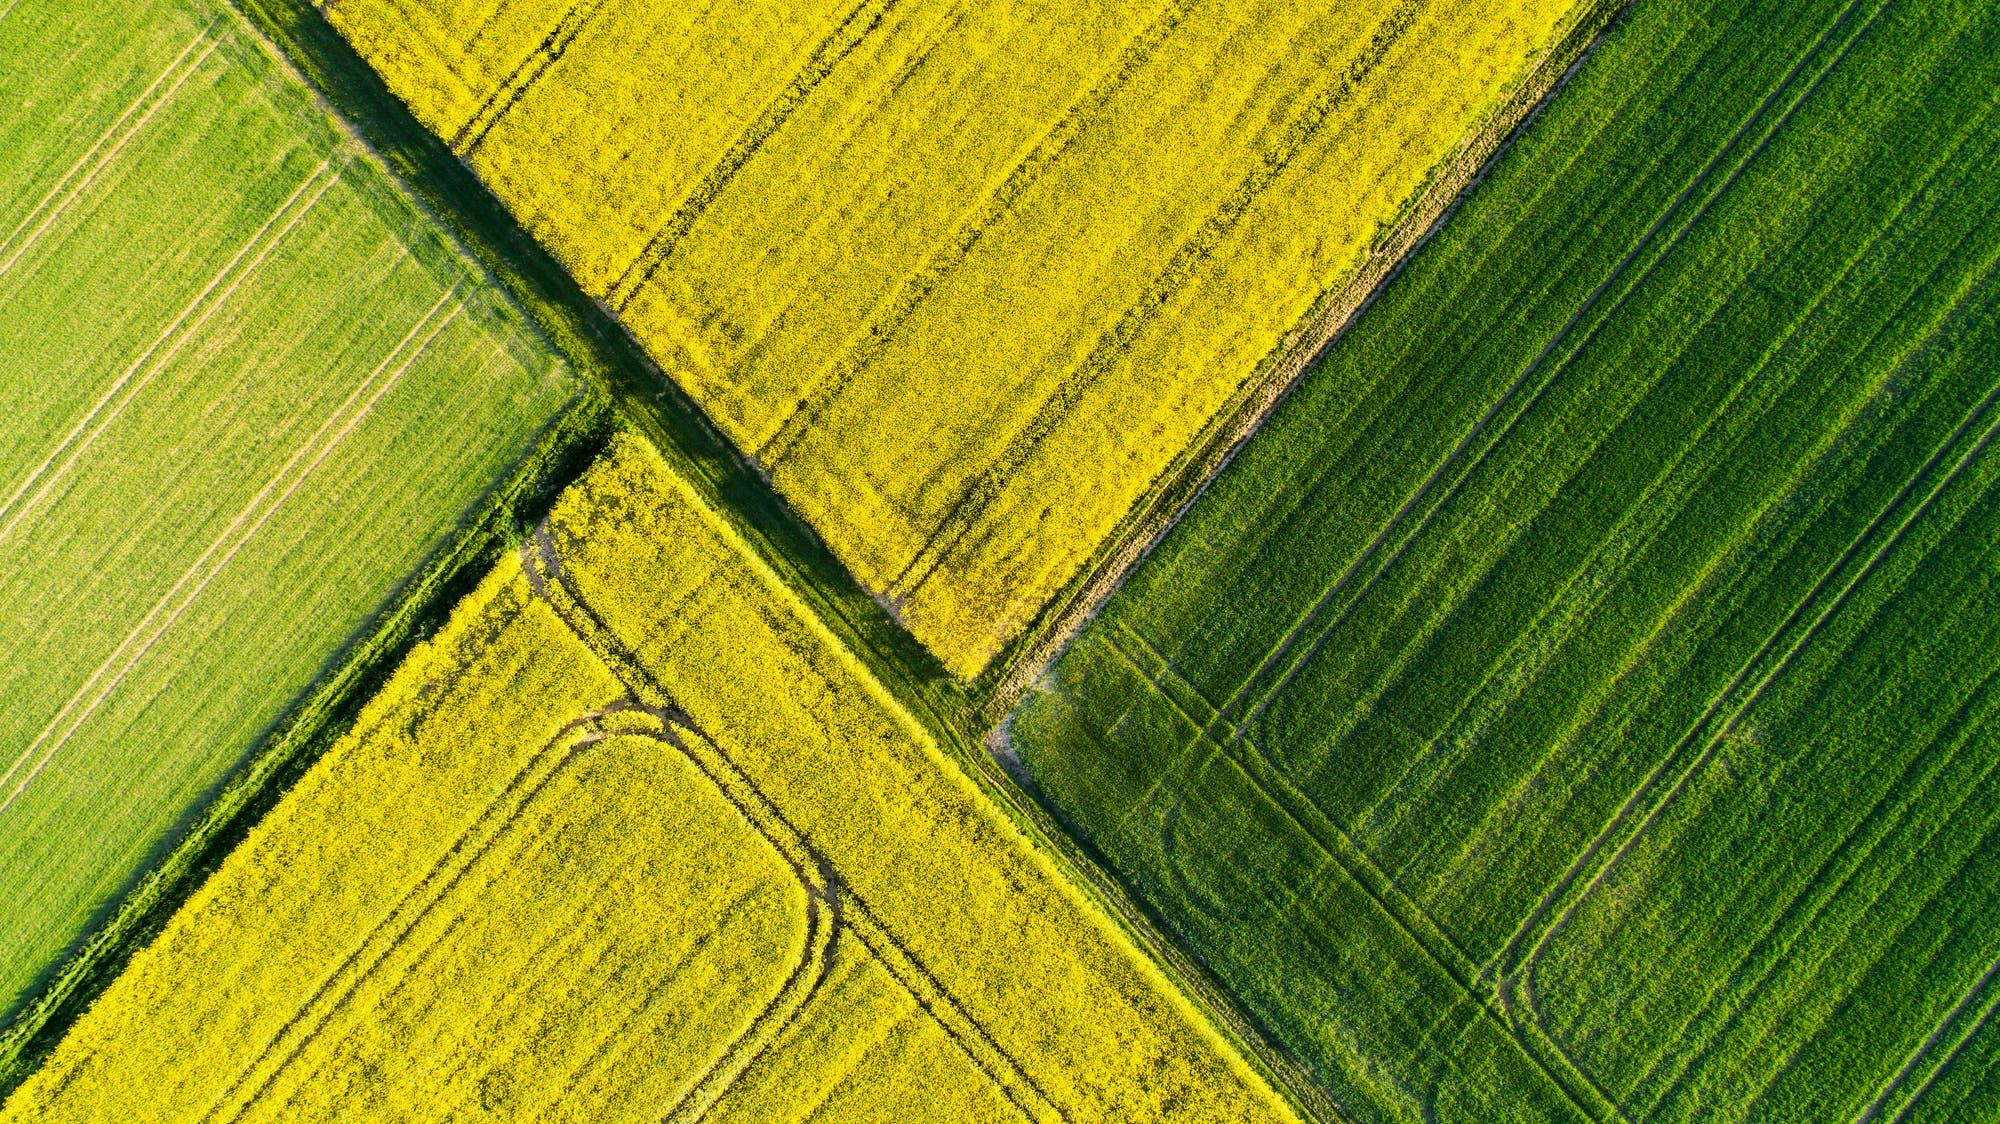 Lebensraum statt Agrarwüste?